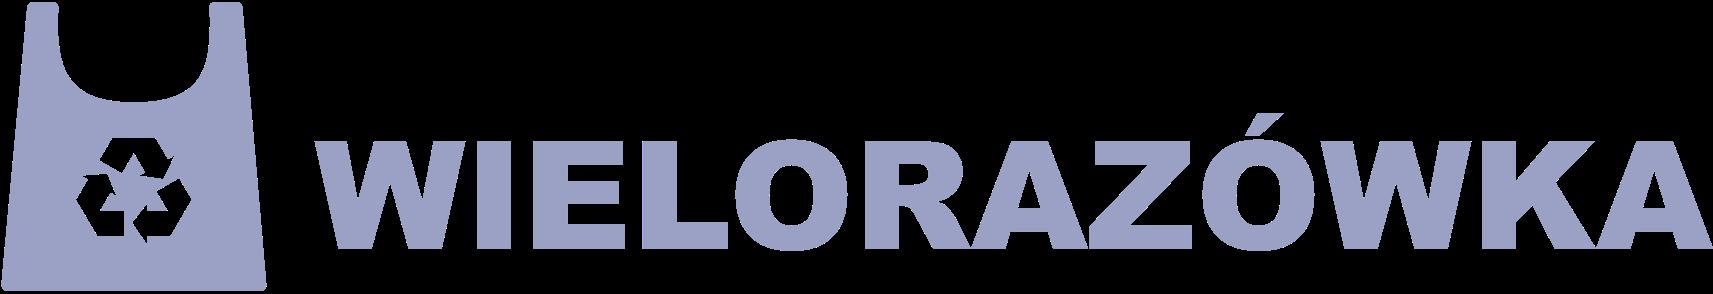 Wielorazówka